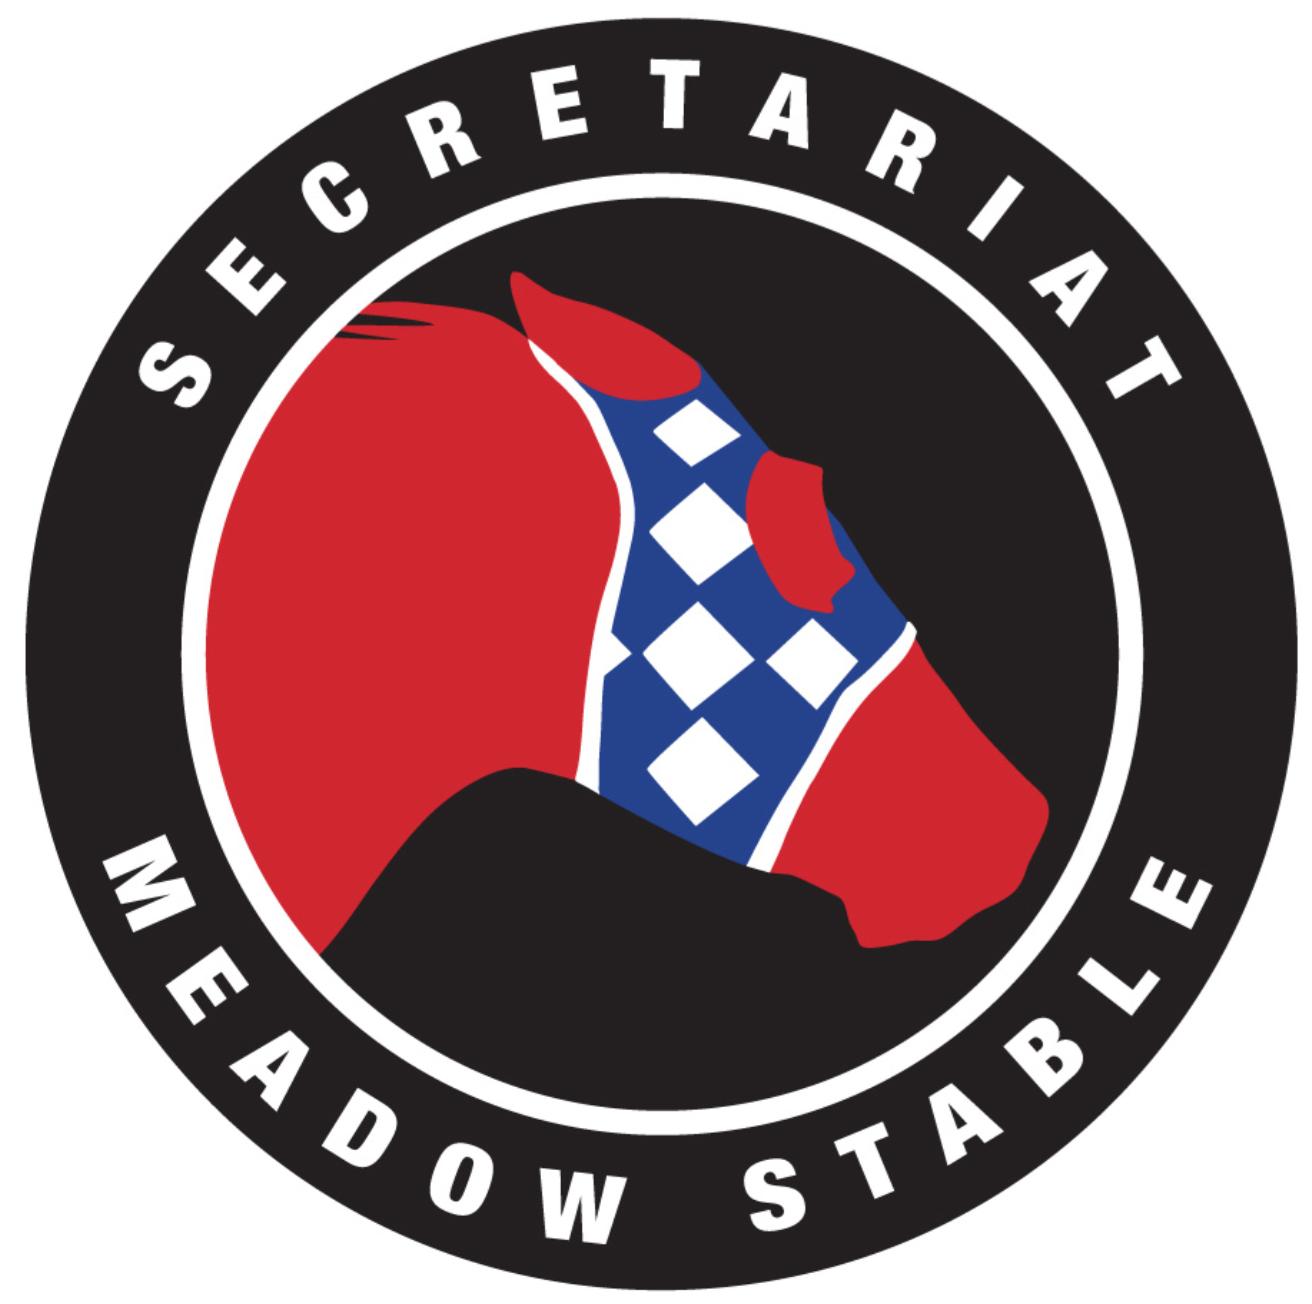 Secretariat Meadow Stables